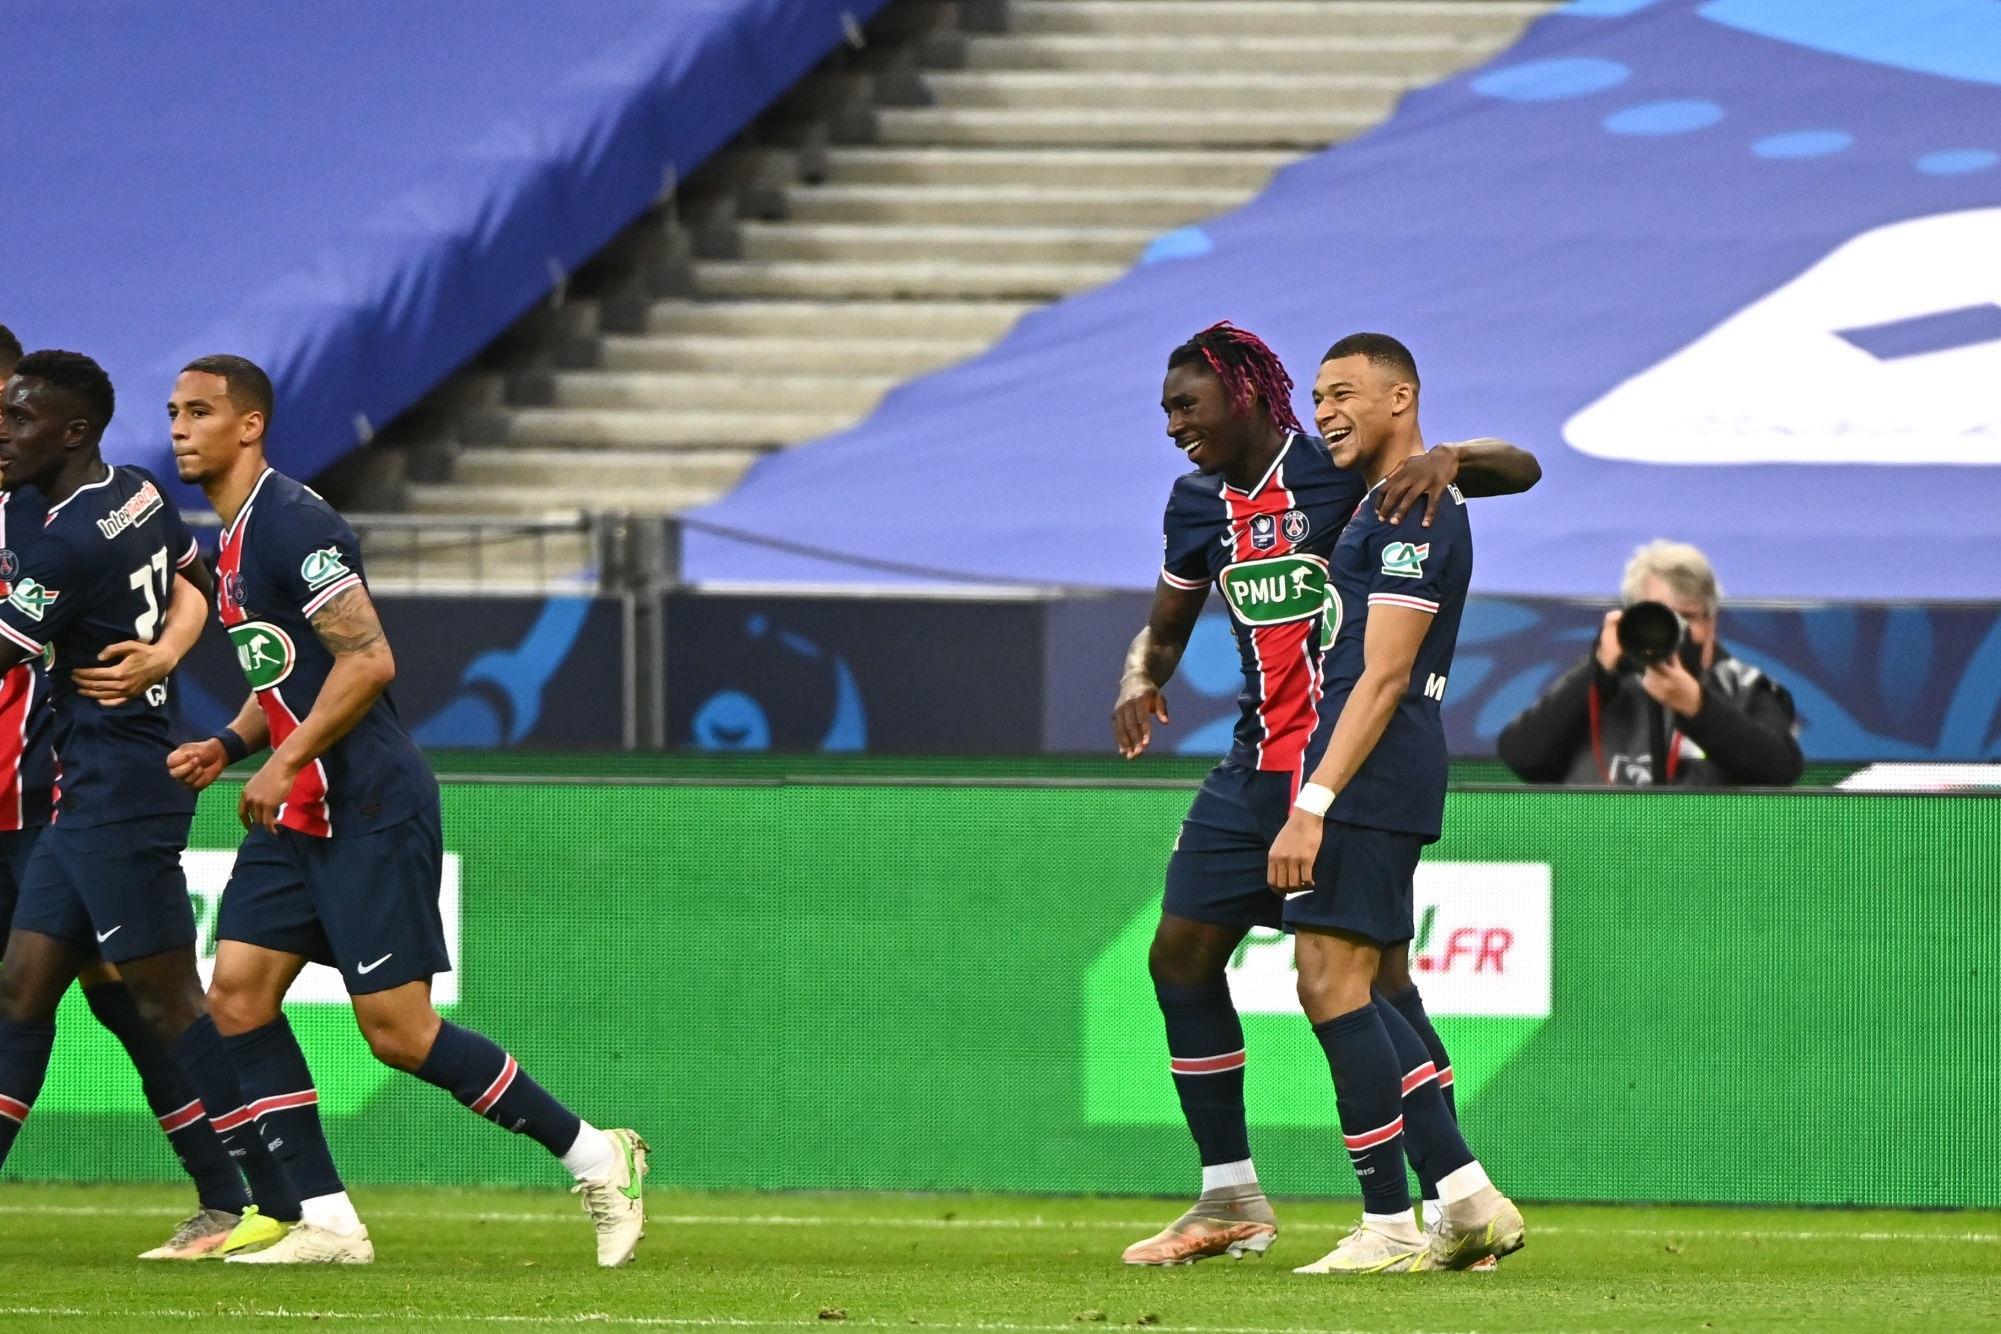 """Monaco/PSG - Mbappé évoque le """"travail de tout un groupe"""" et le fait """"d'écrire l'histoire"""""""